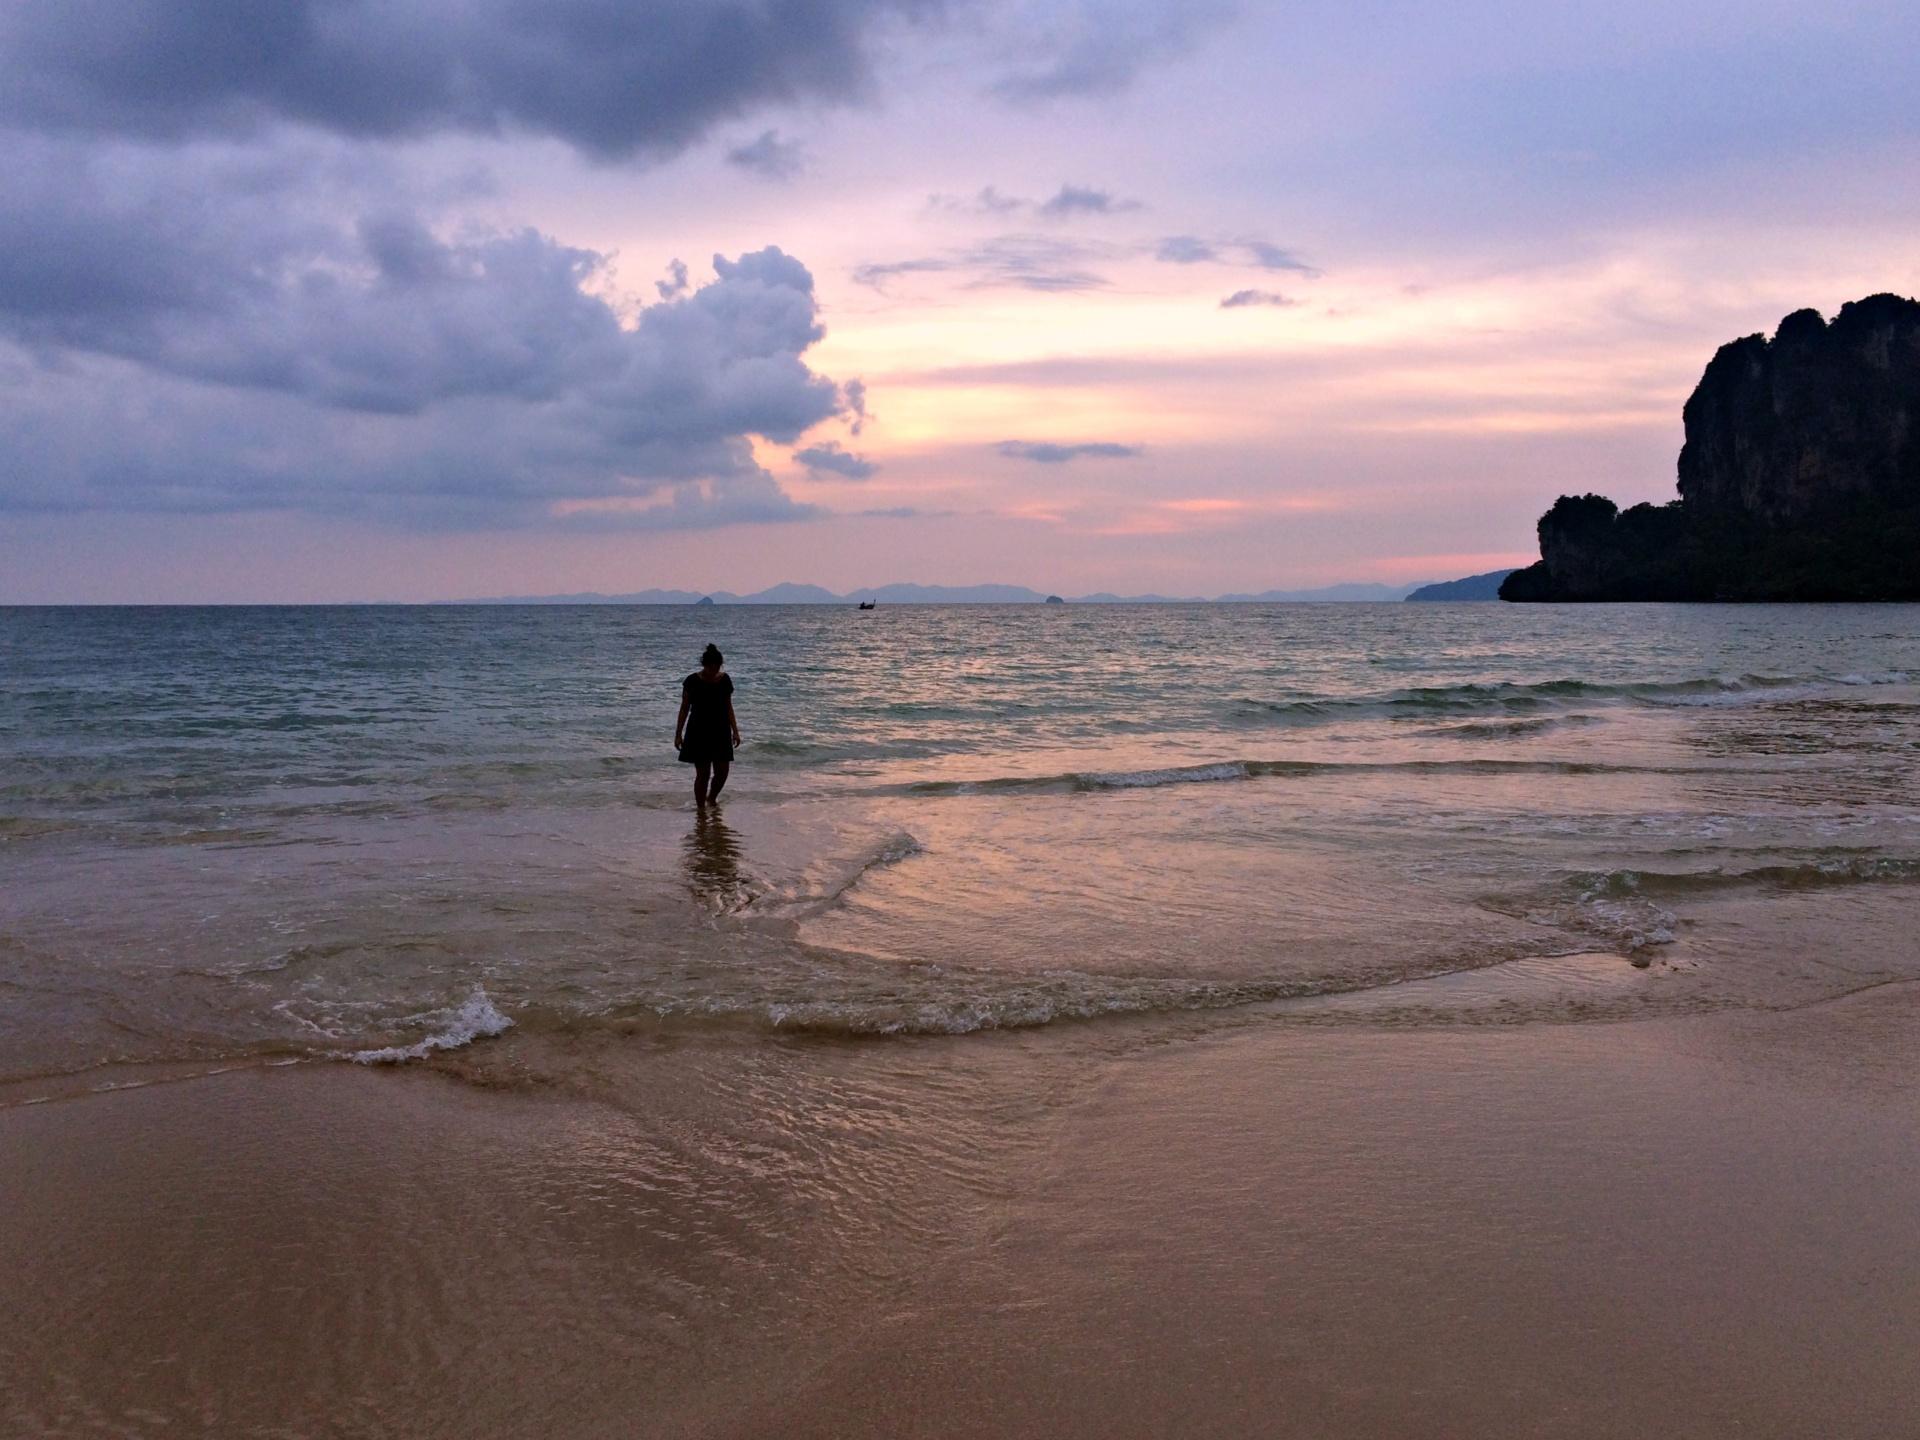 vany visits_railay beach_sonnenuntergang 3